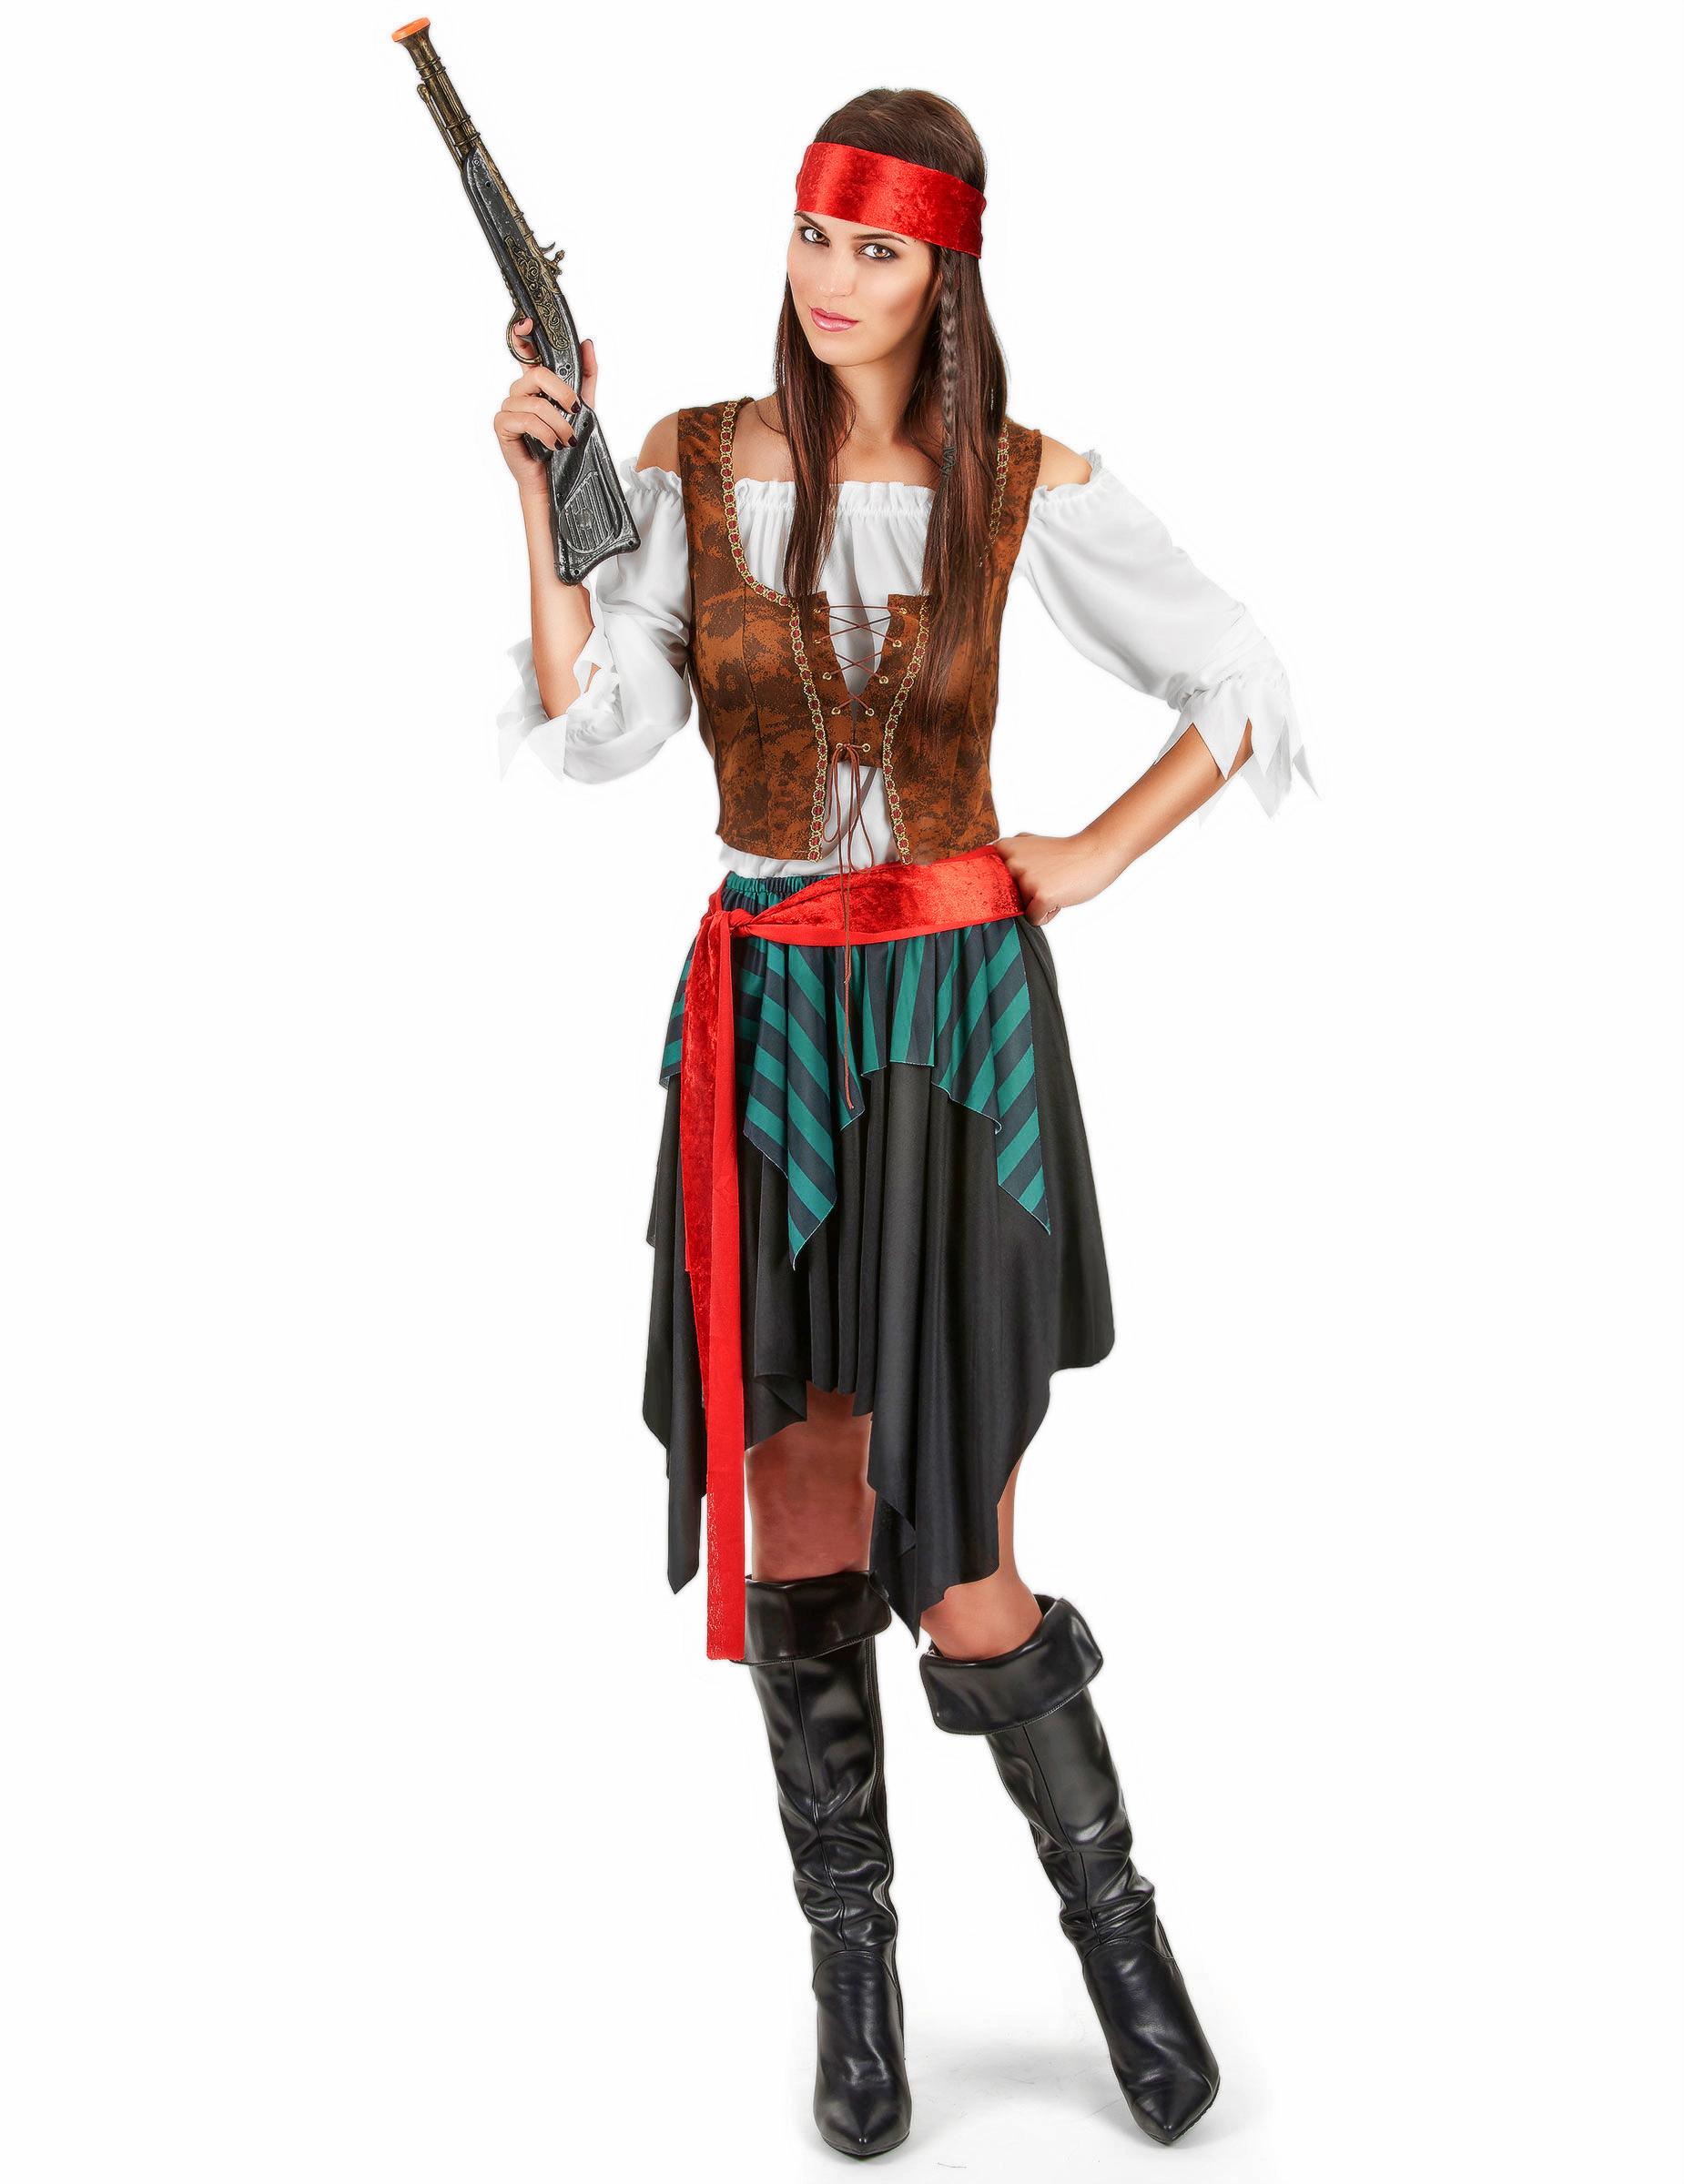 carino economico eccezionale gamma di stili e colori sfoglia le ultime collezioni Costume da pirata per donna